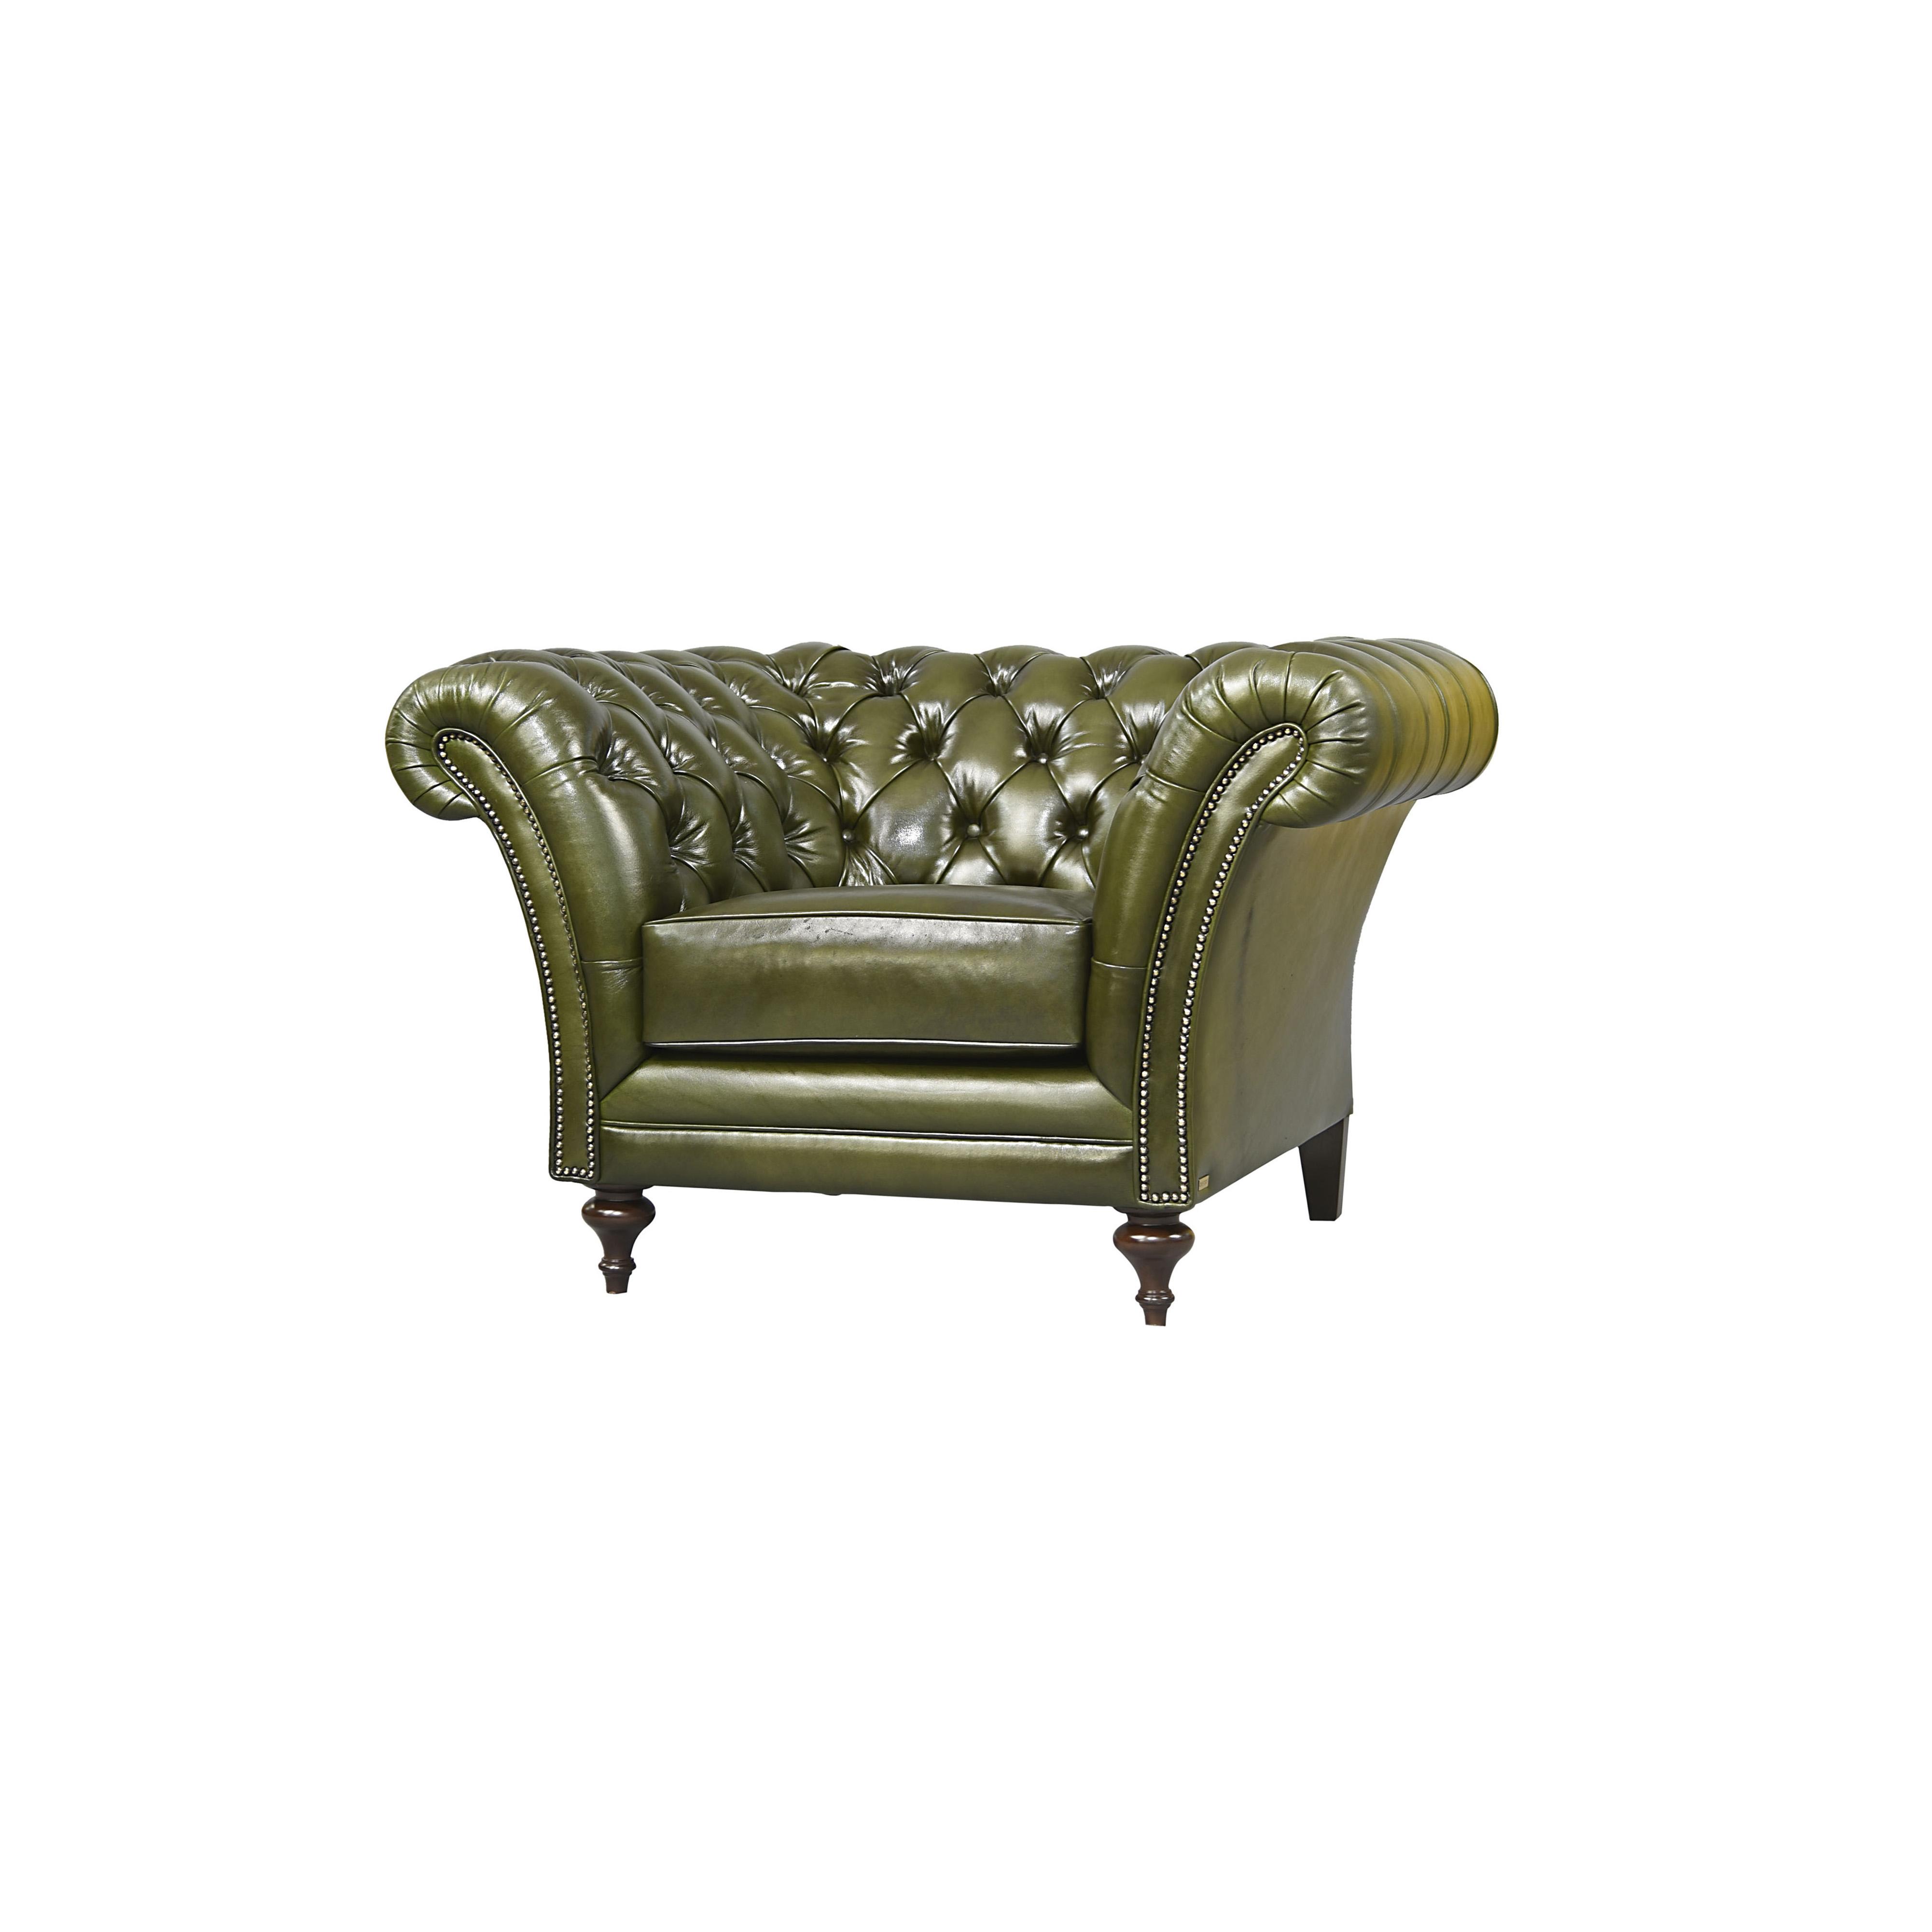 Queen armchair